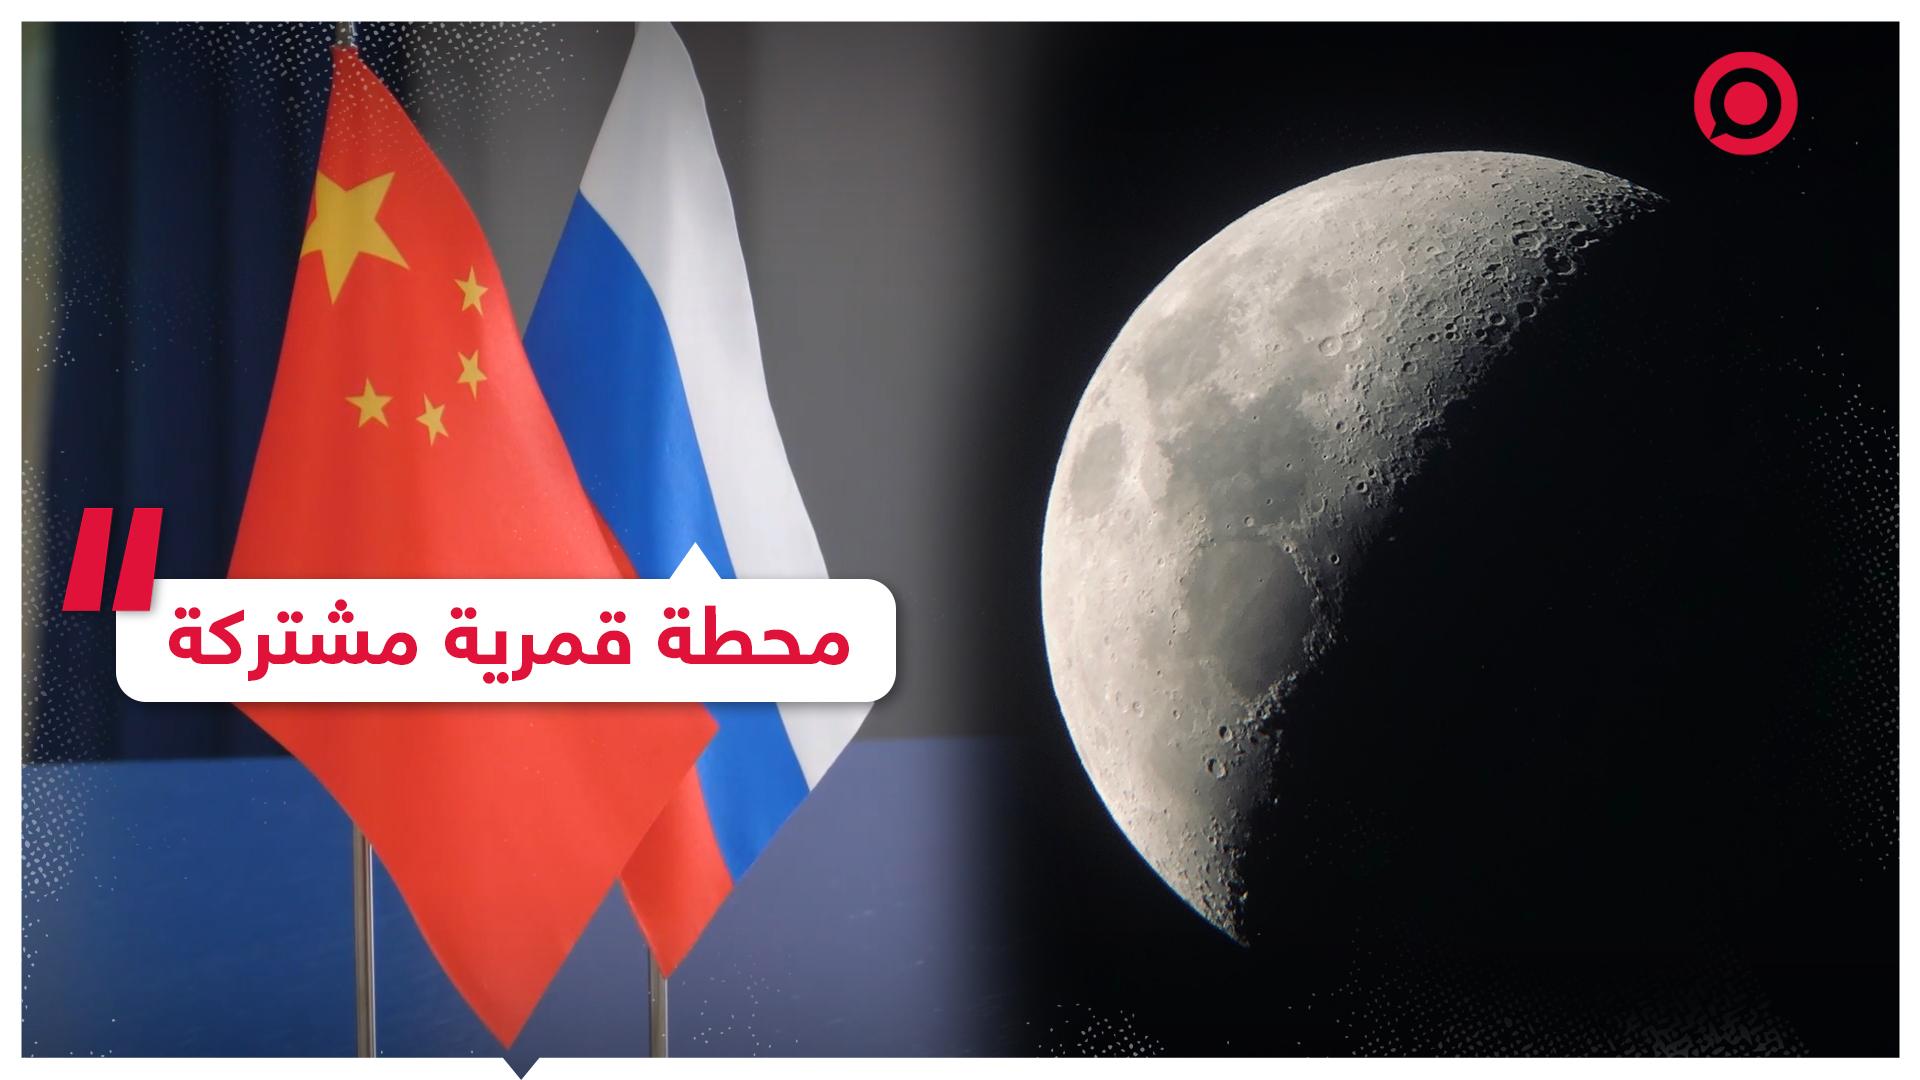 روسيا والصين نحو محطة فضائية مشتركة على القمر